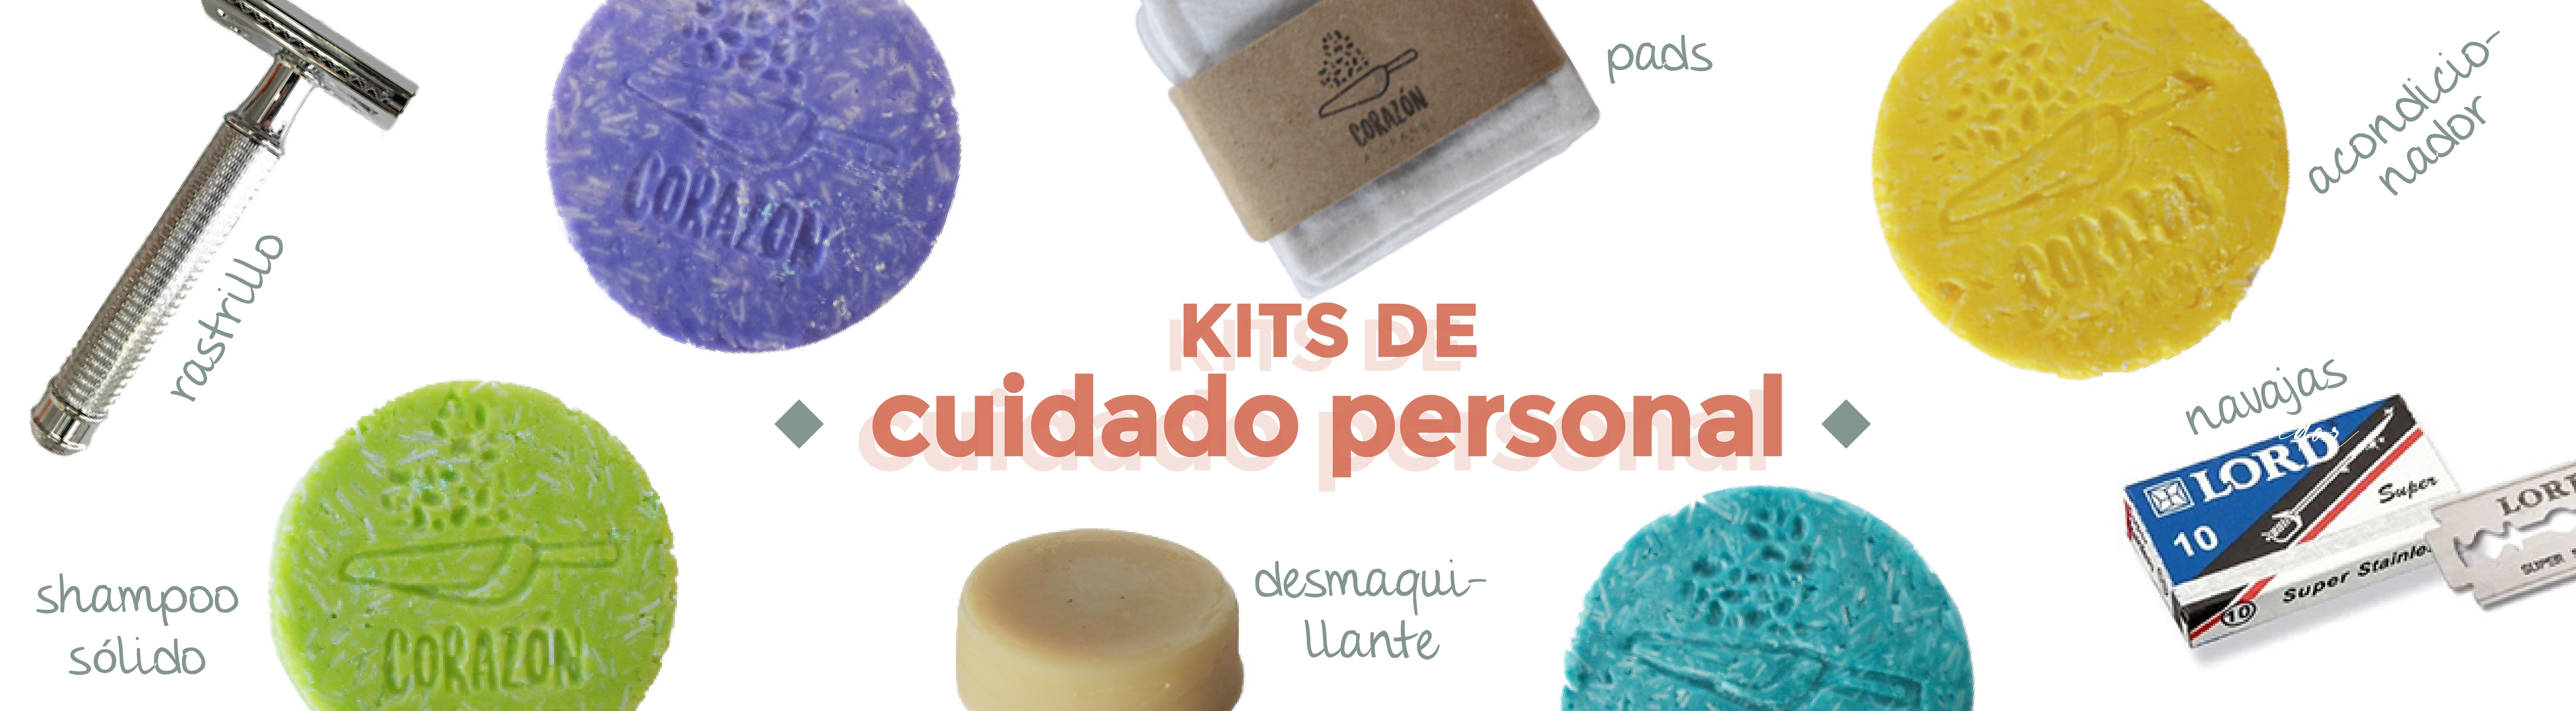 Kits Cuidado Personal Corazón a Granel